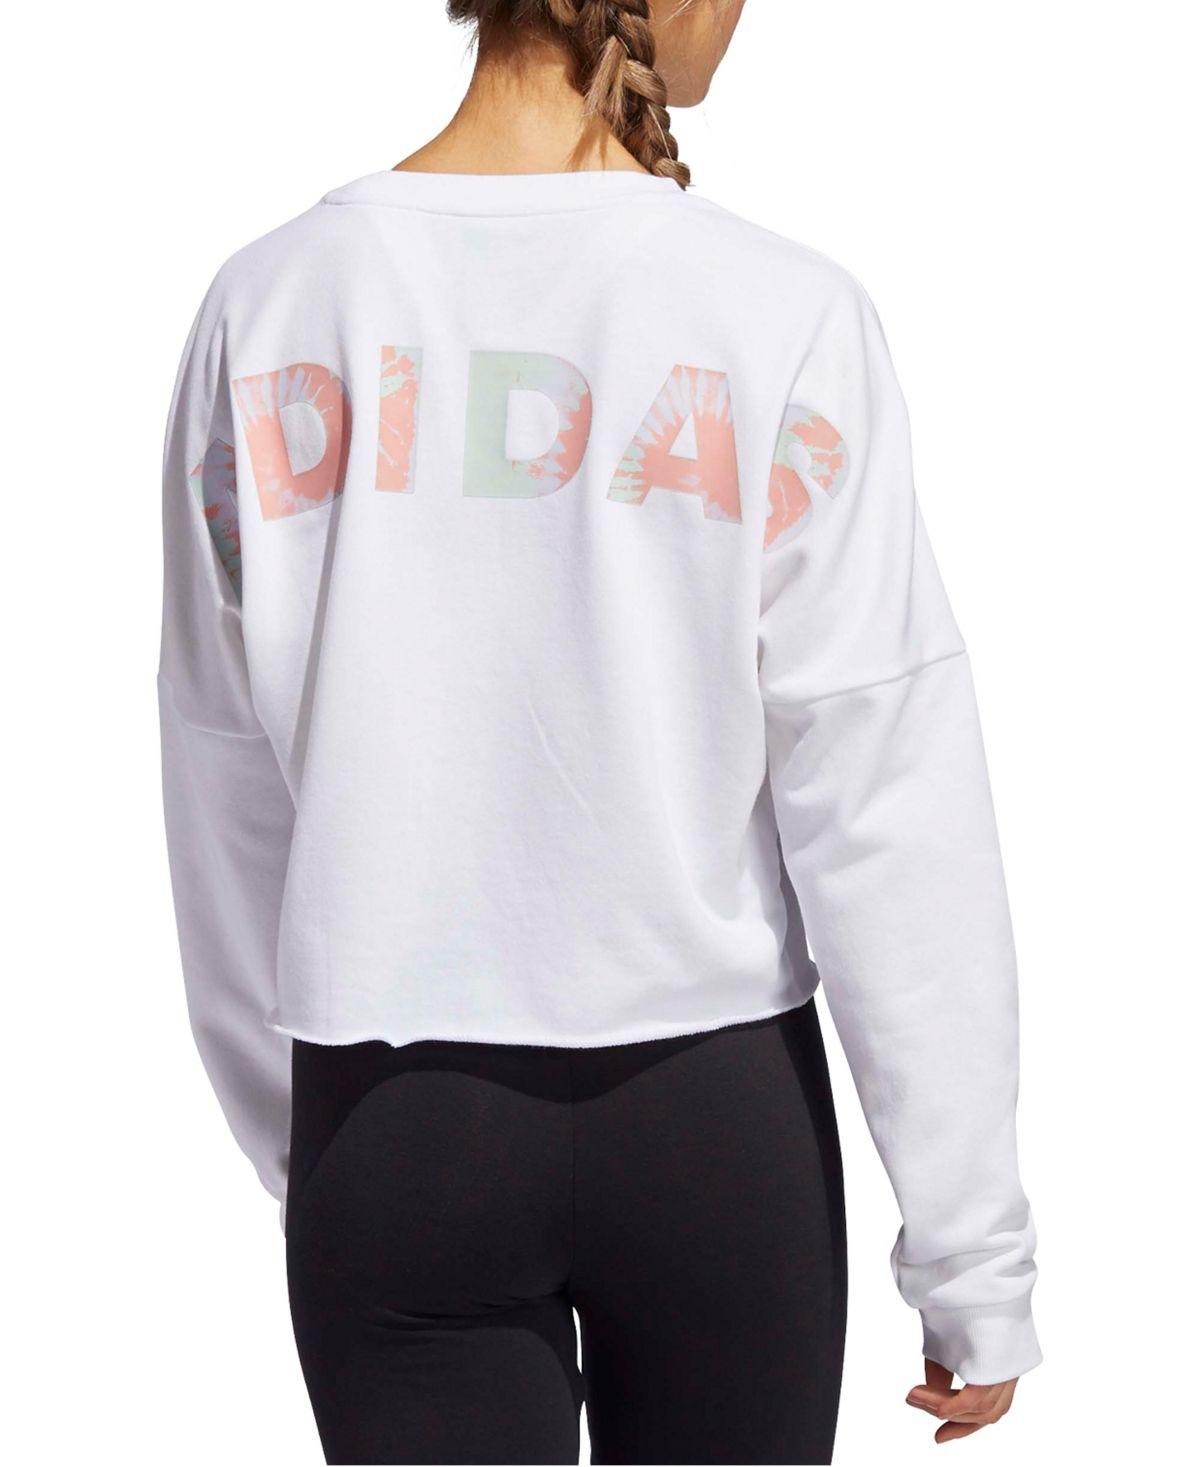 Adidas Women S Tie Dye Logo T Shirt White Sweatshirts Graphic Crewneck Sweatshirt Adidas Women [ 1467 x 1200 Pixel ]